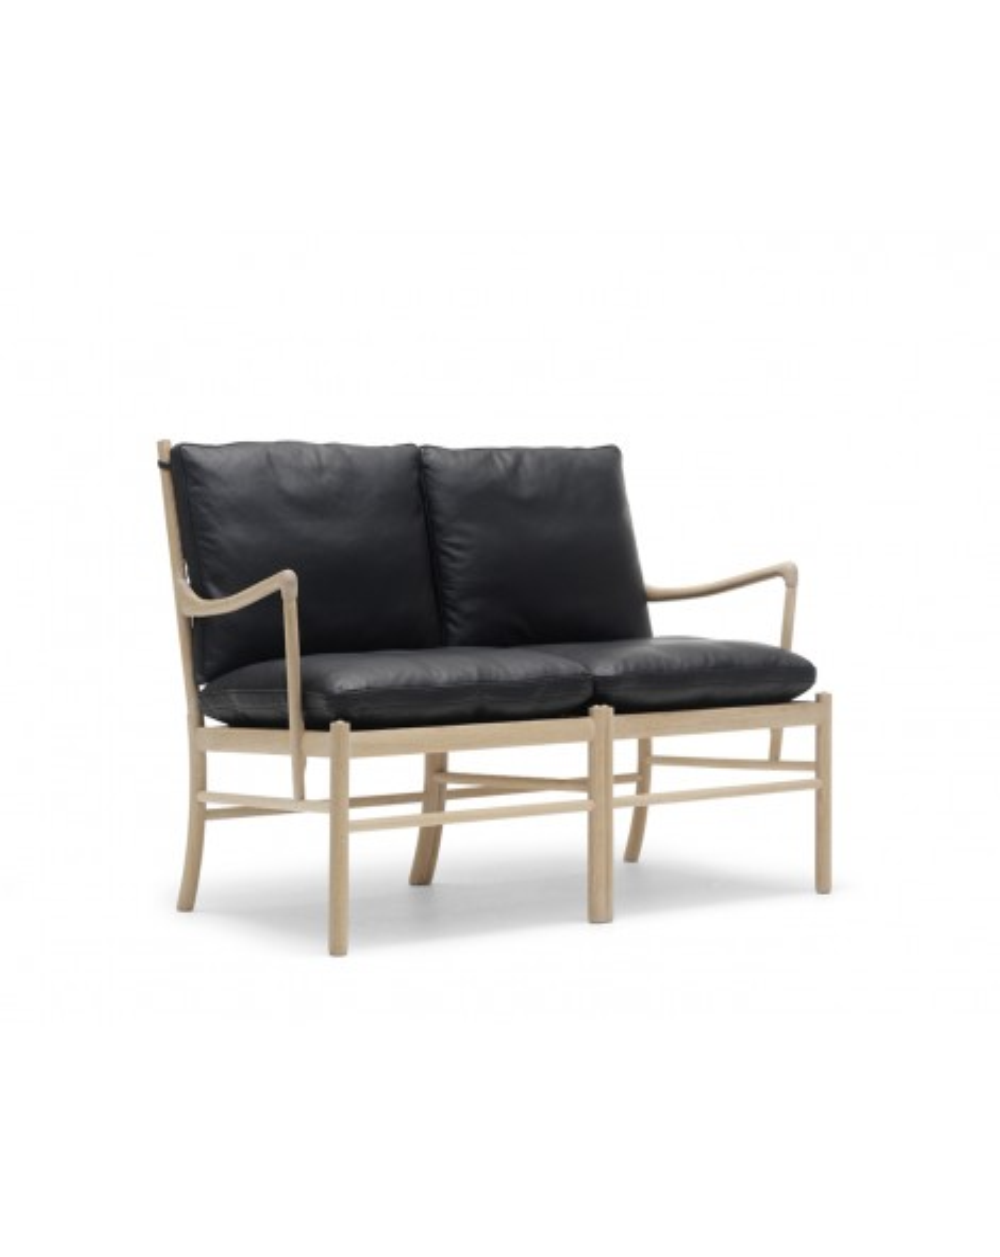 Canapé Colonial, Ole Wanscher pour Carl Hansen